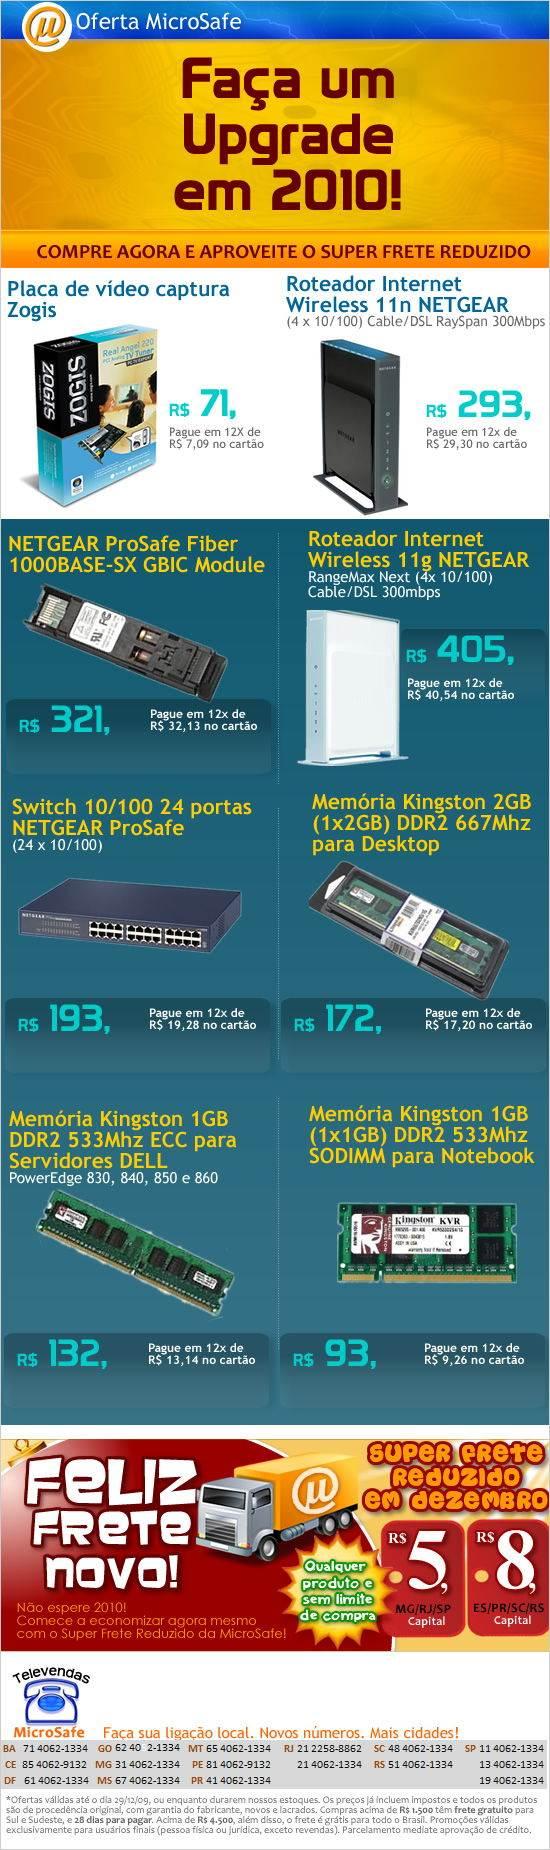 Faça um Upgrade em 2010 com ZOGIS, NetGear e Kingston